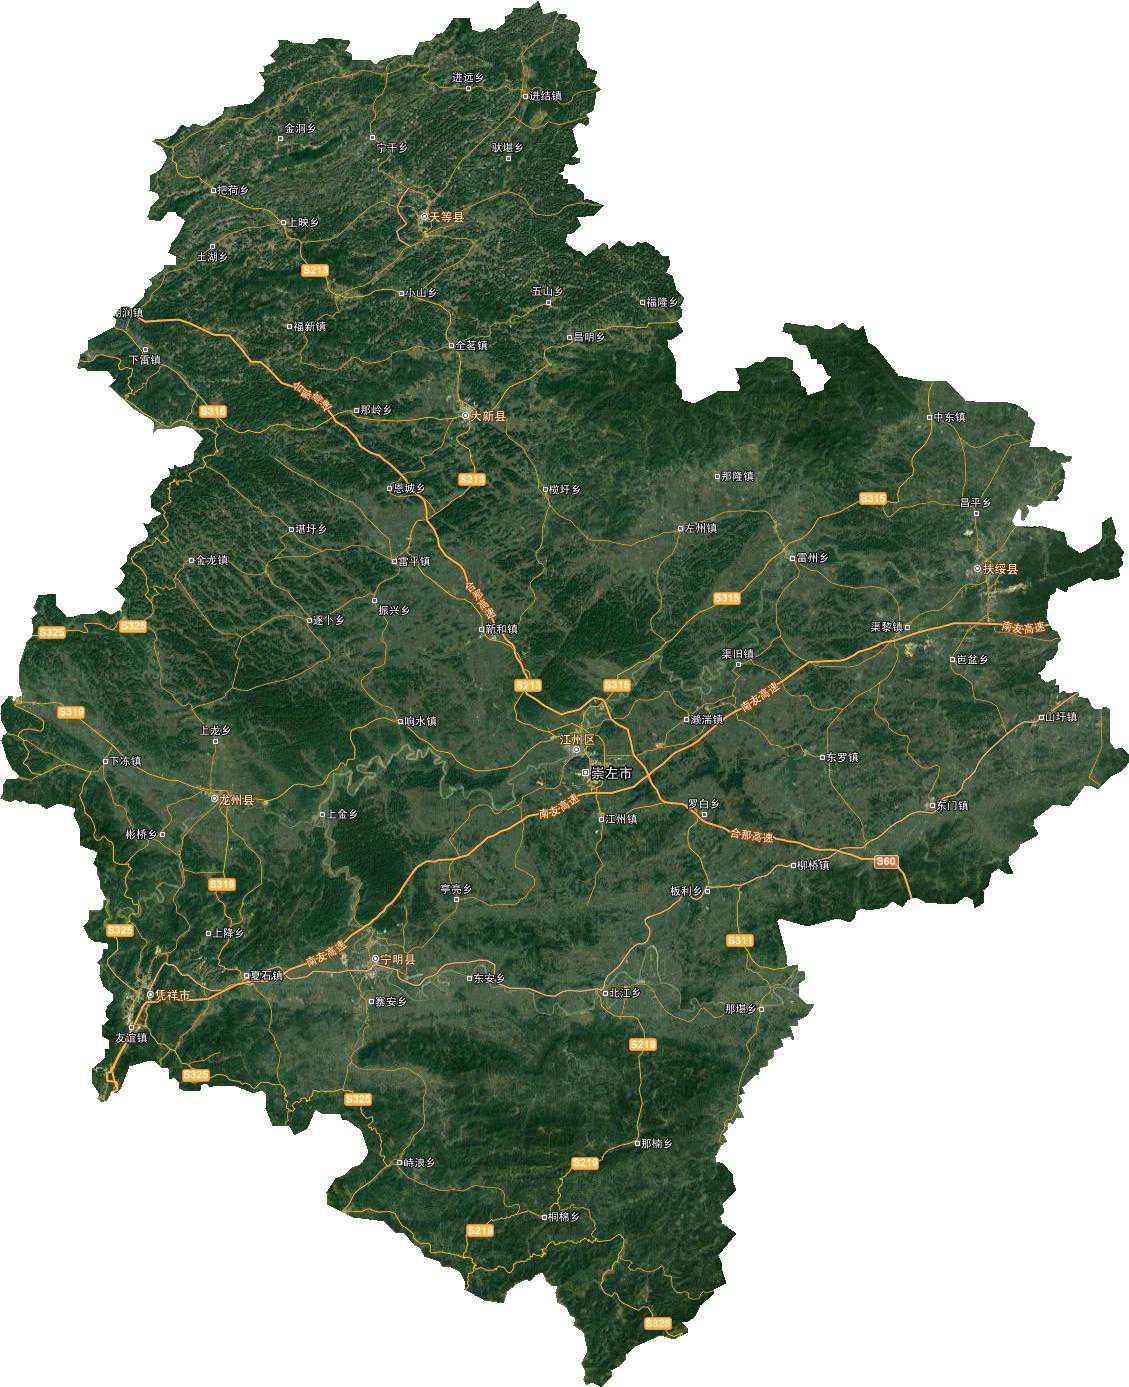 1广西省崇左市谷歌卫星地图离线包缩略图.jpg